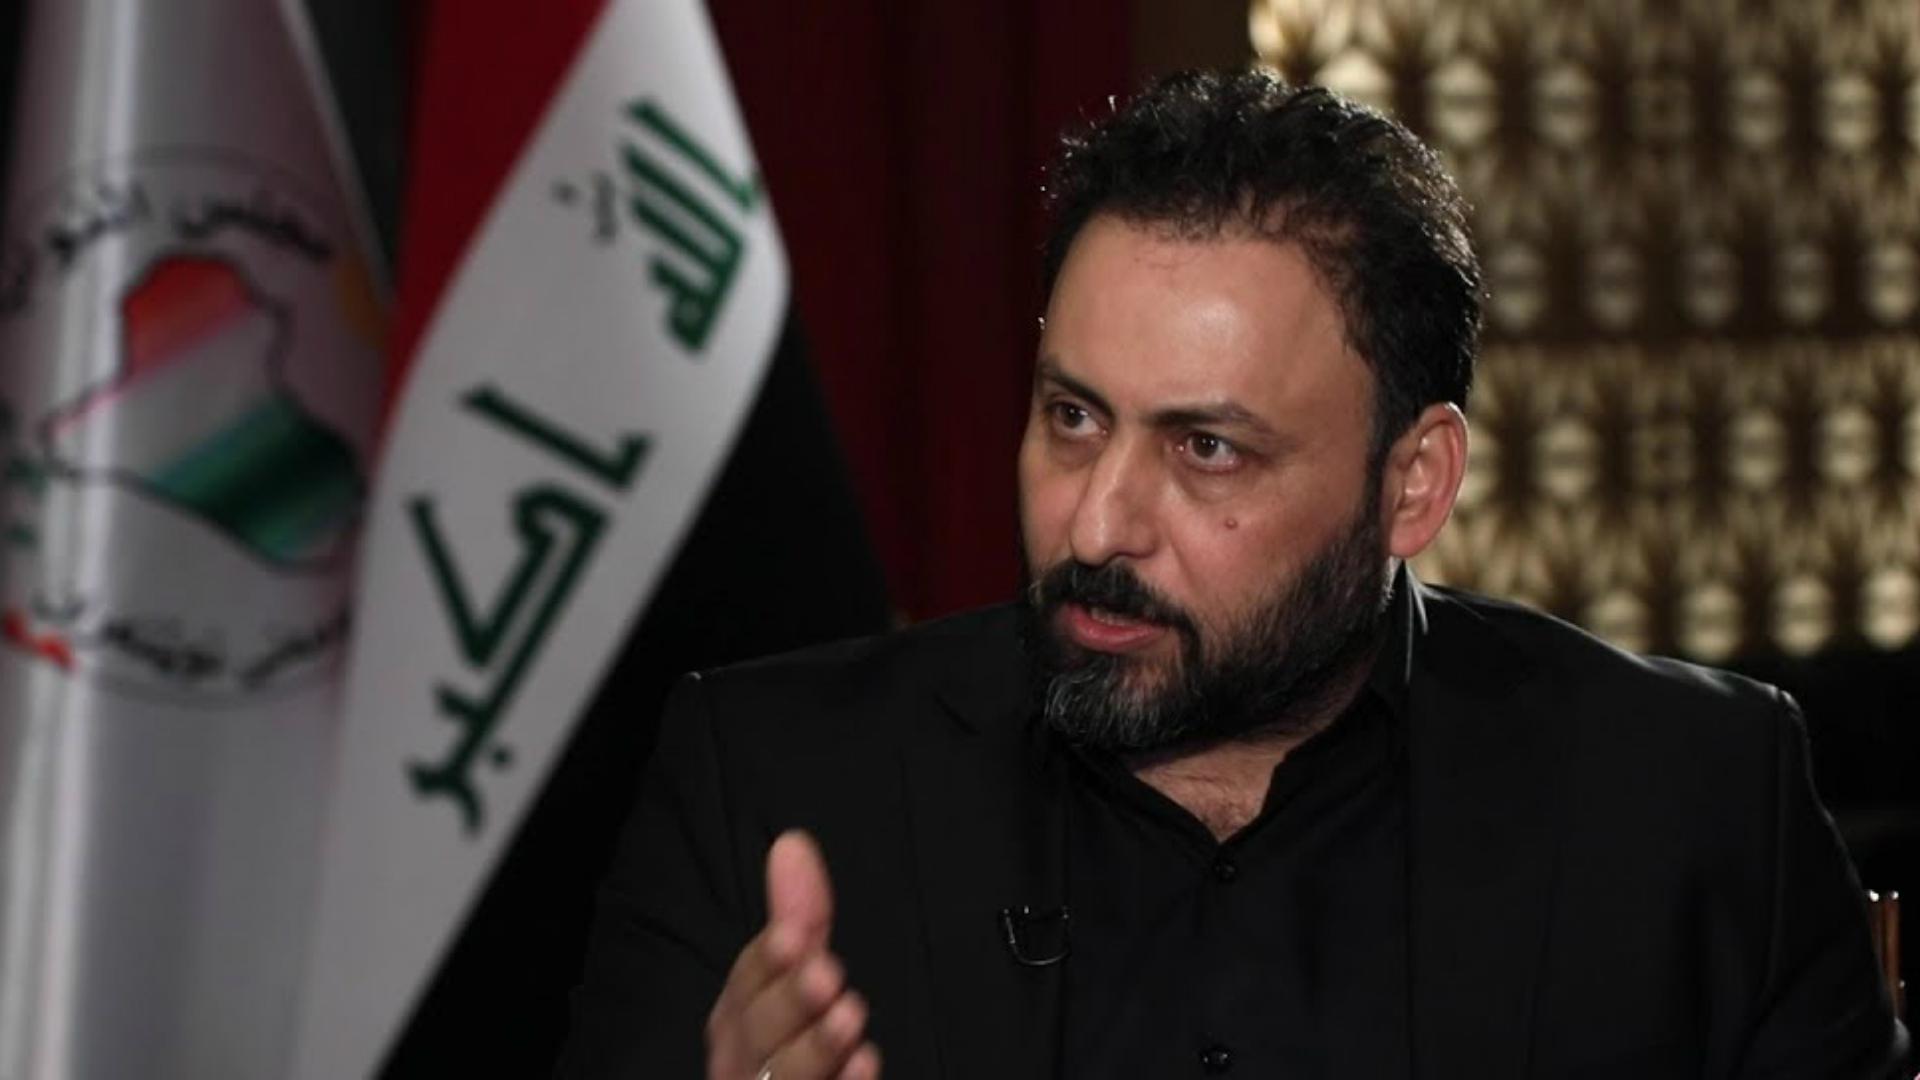 حسن الكعبي يدعو لاعتبار جرائم داعش والقاعدة عمليات إبادة جماعية